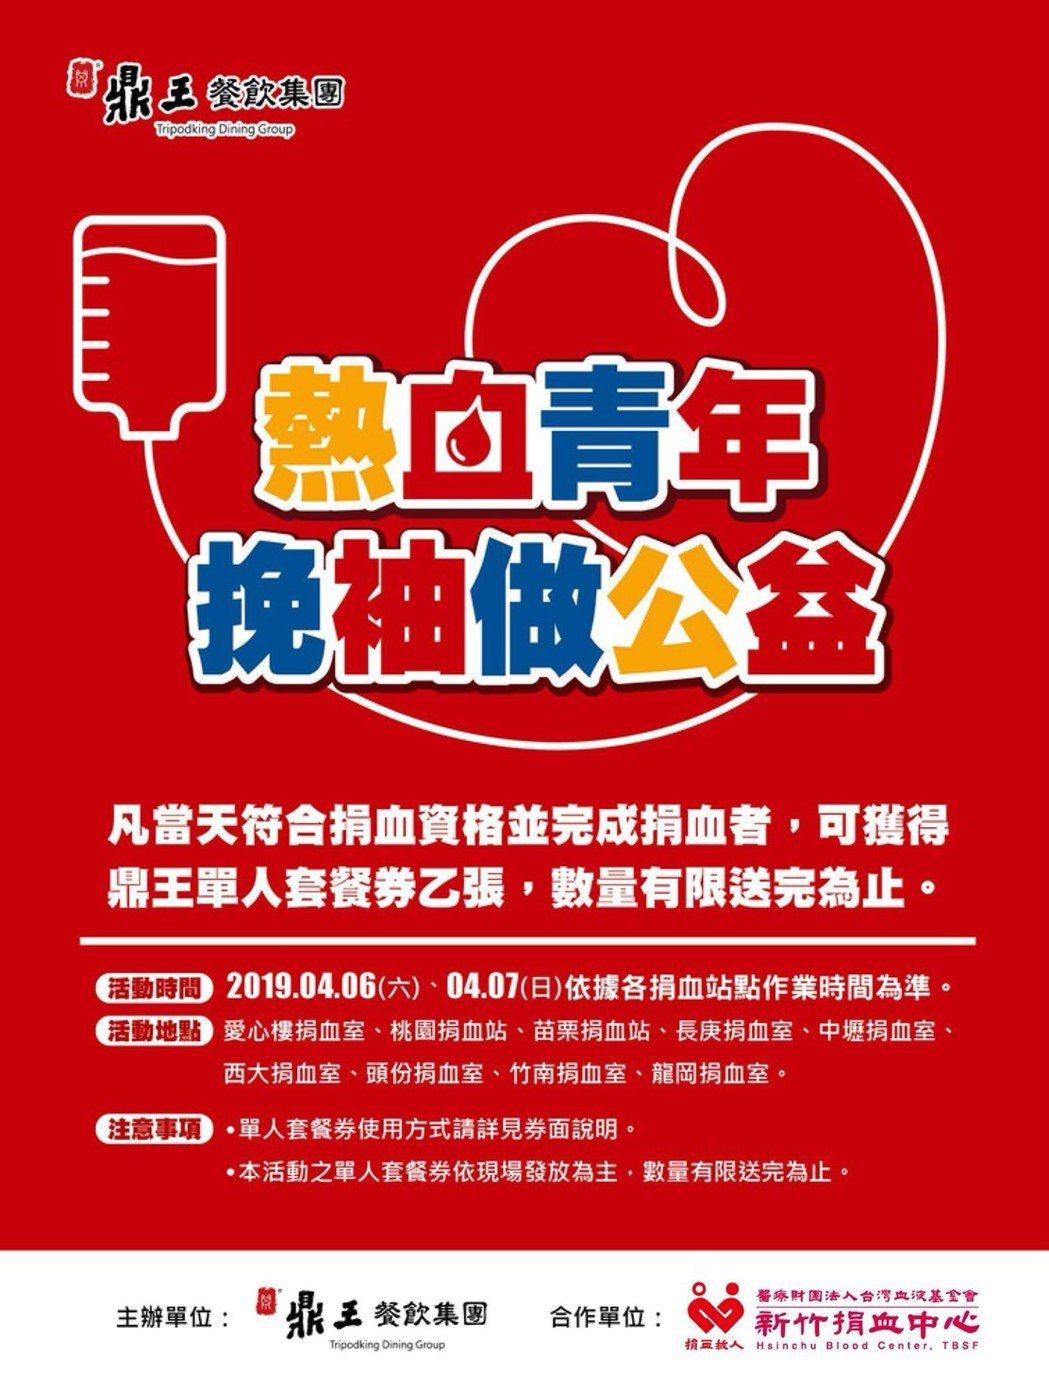 新竹捐血中心推出連假捐血活動,與鼎王合辦熱血青年挽袖做公益活動,6日及7日兩天,...